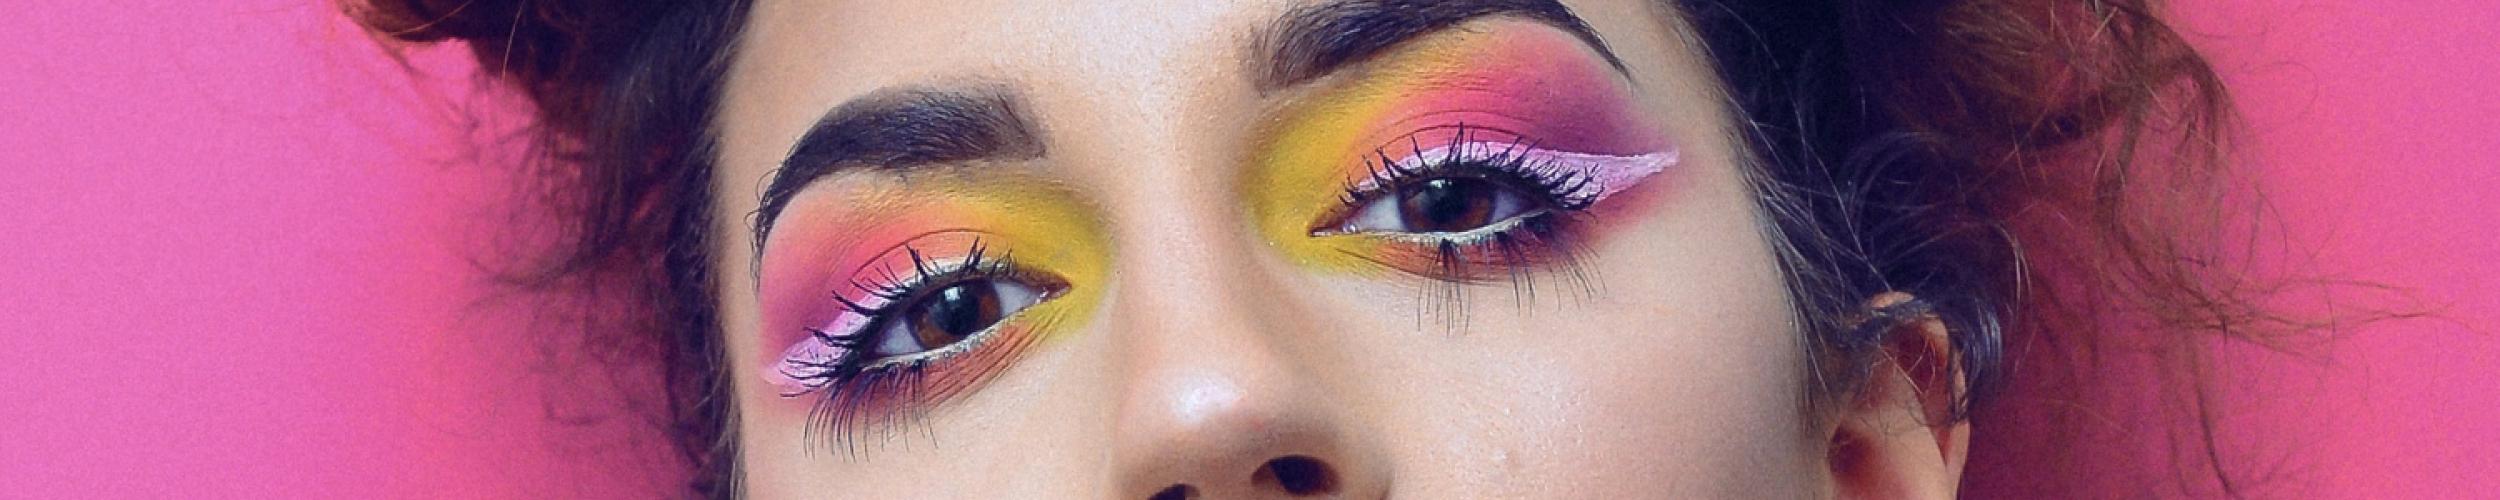 De 4 make-up trends voor zomer 2019